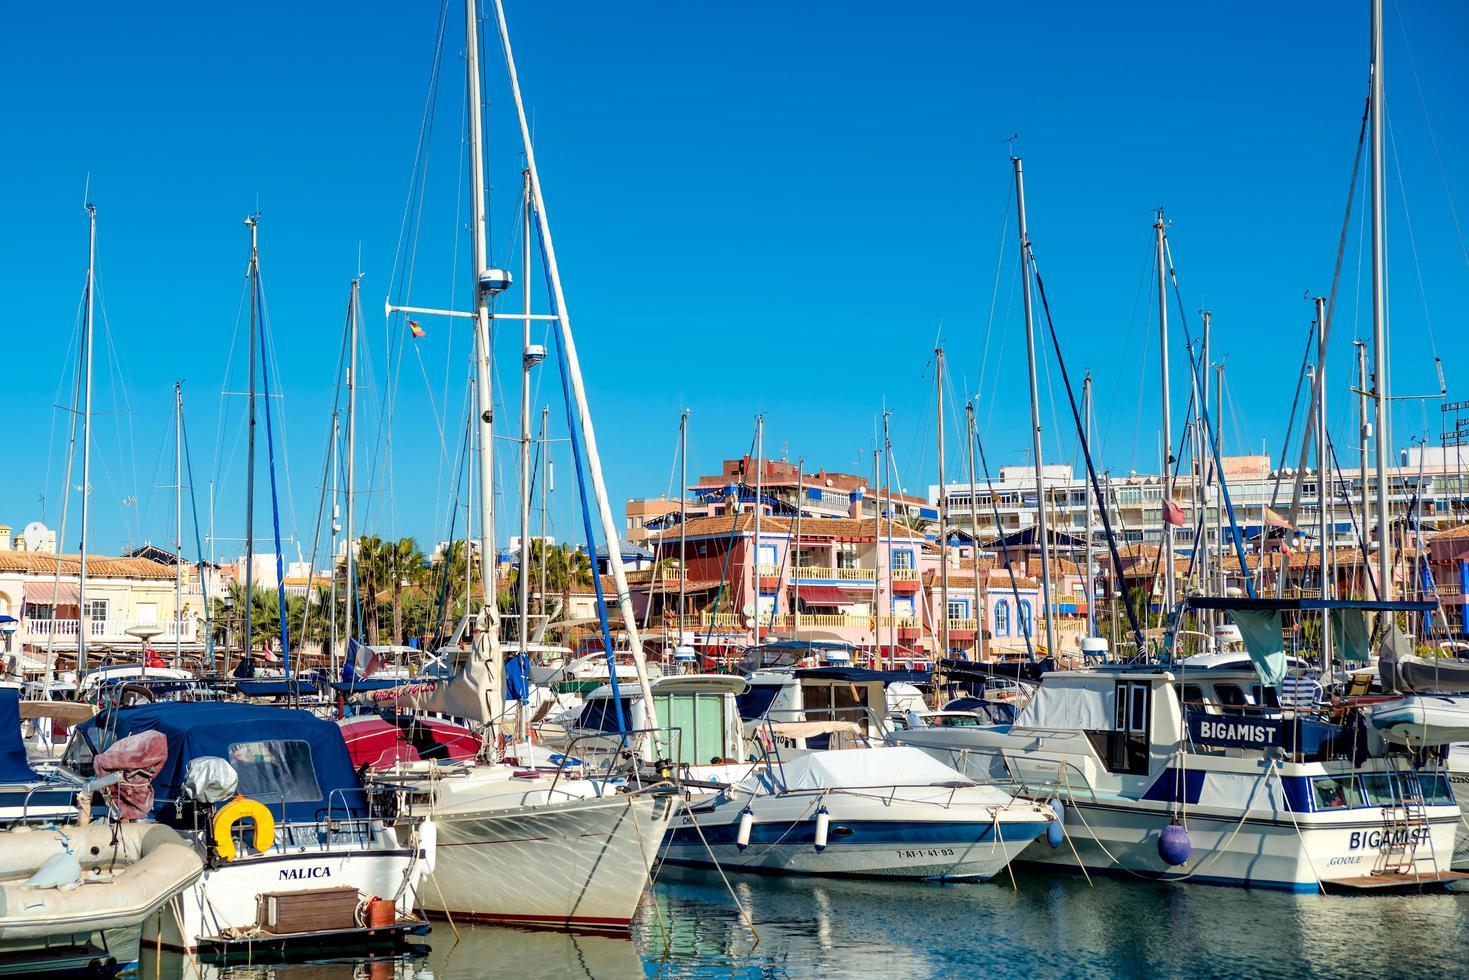 Valencia, España 2017-- Yates y barcos en el puerto deportivo de Torrevieja. foto